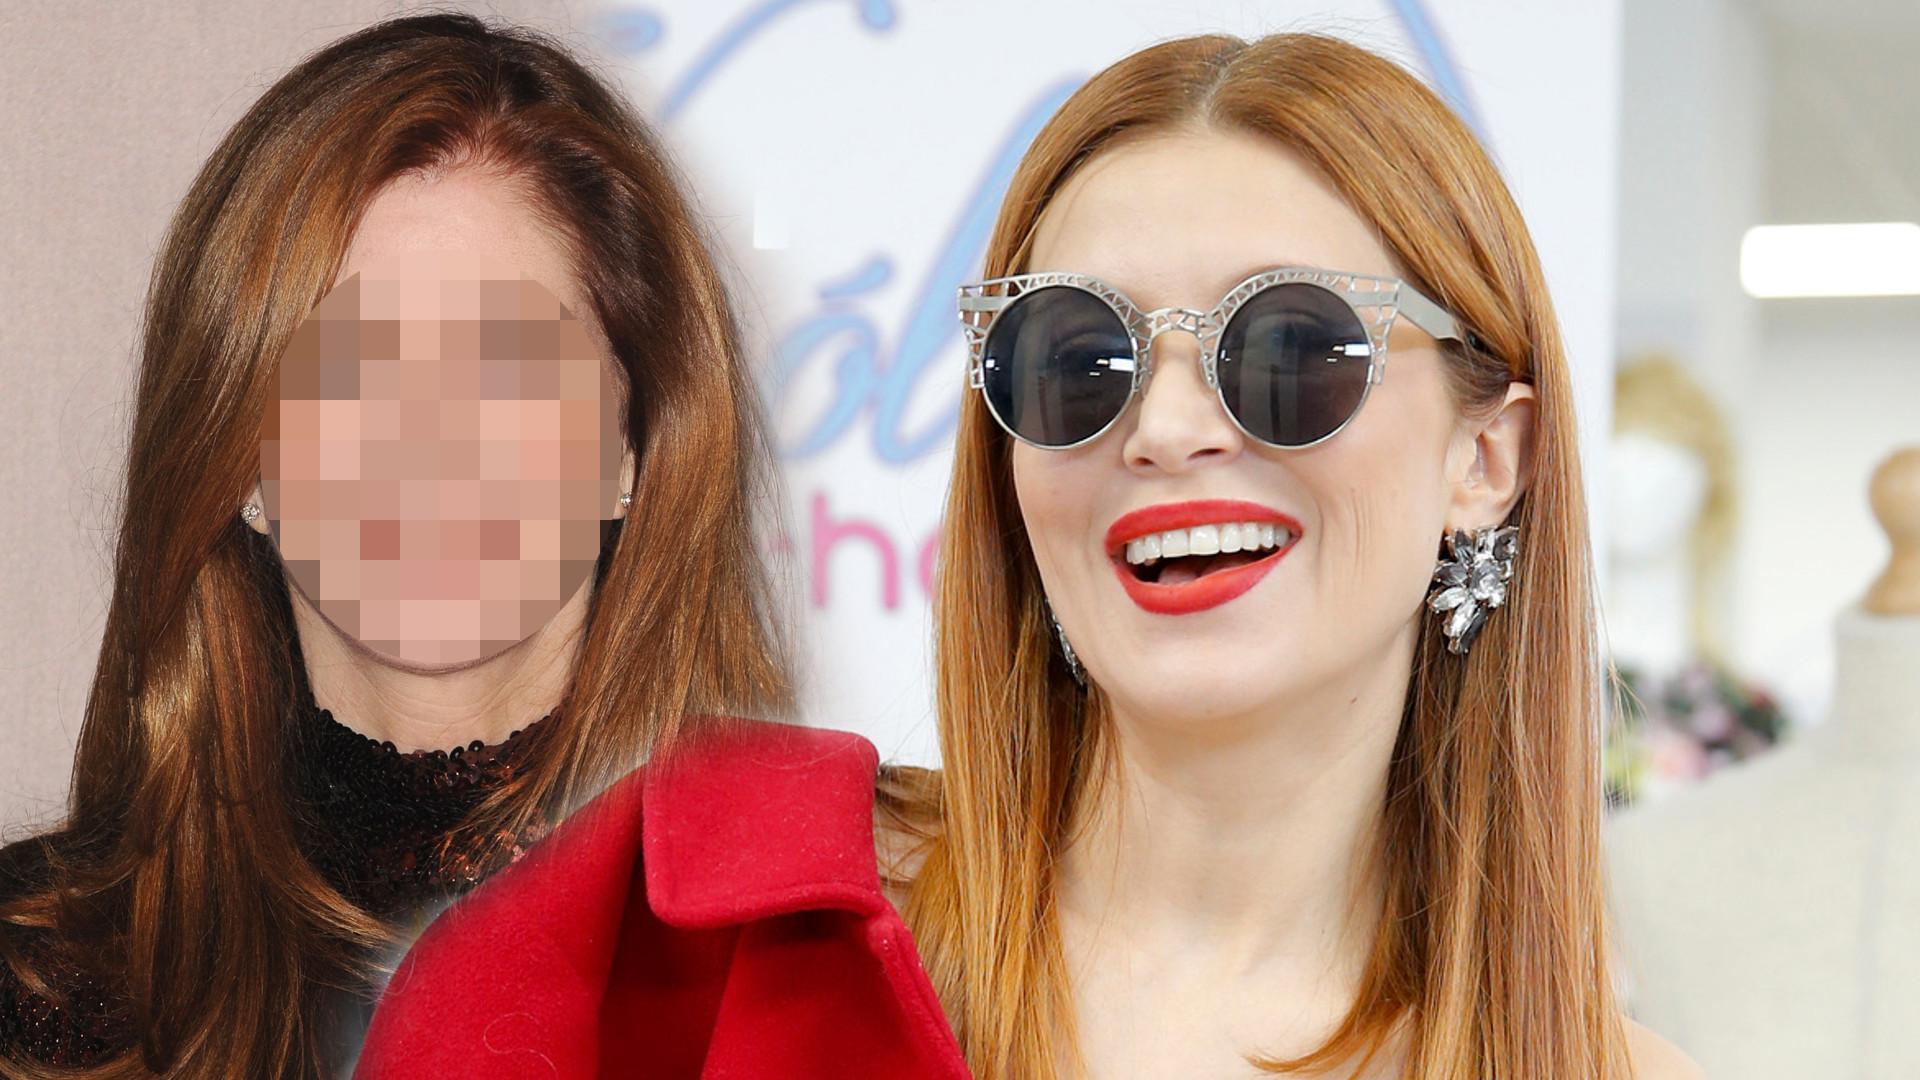 Ada Fijał zagra w serialu Polsatu. Porównują ją do amerykańskiej gwiazdy